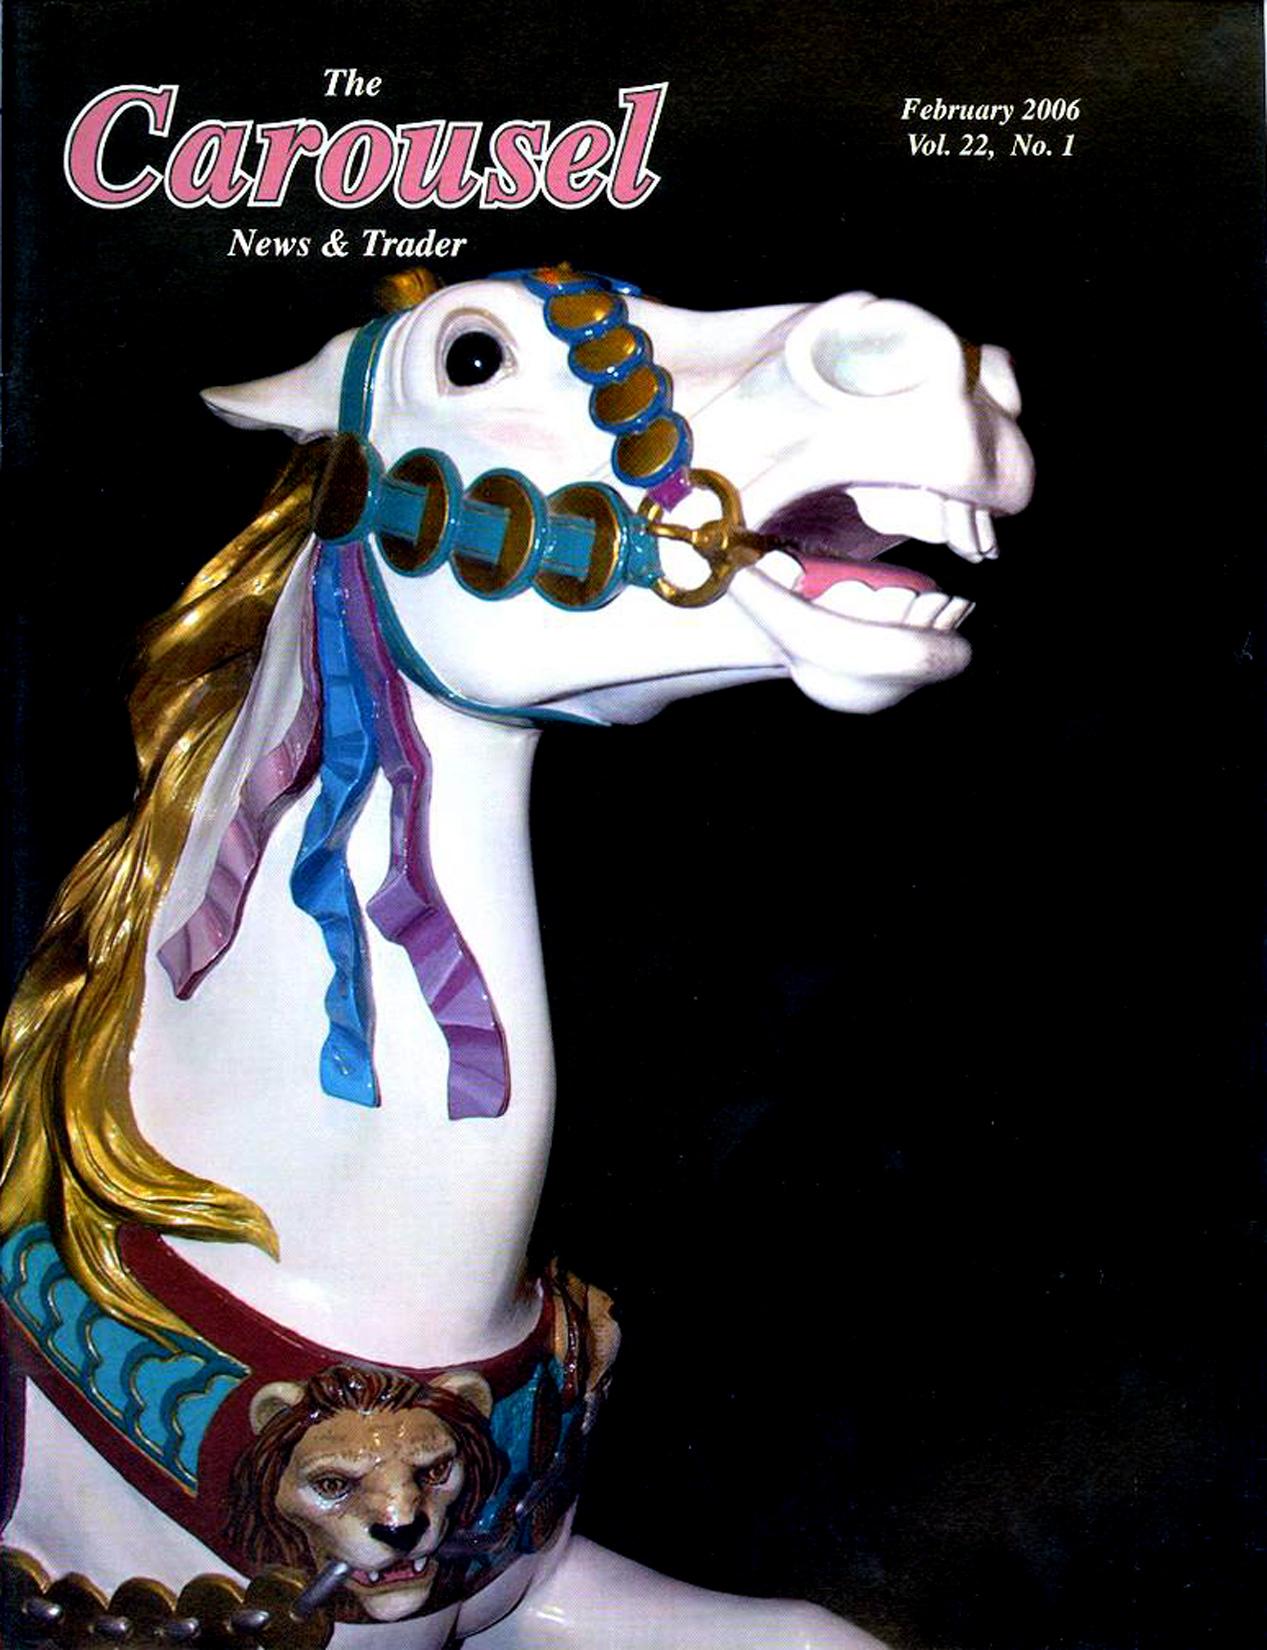 Carousel-news-cover-2_2006-Restored-PTC-45-carousel-horse-Zalar-carver